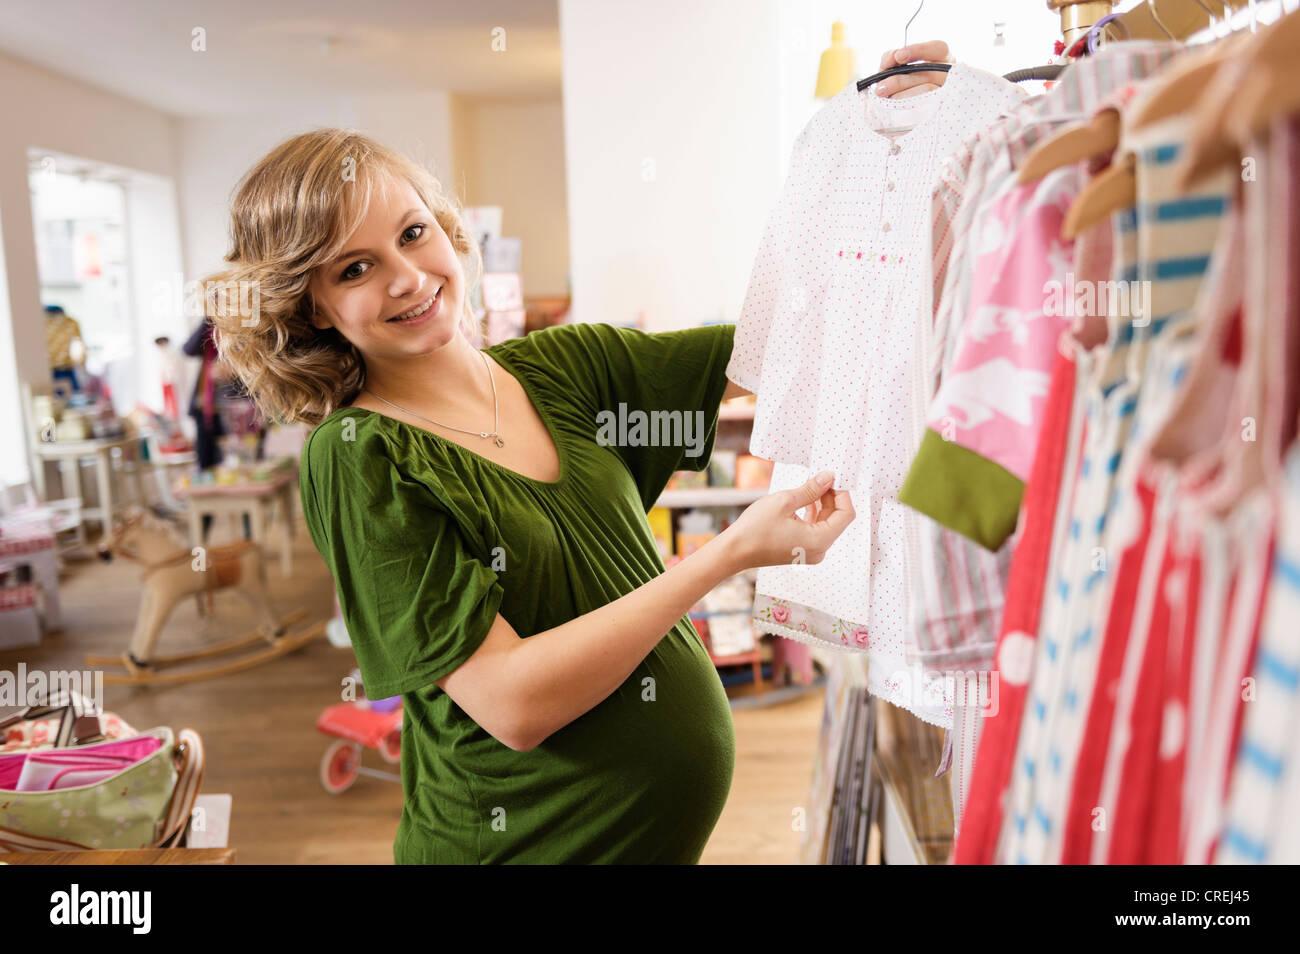 d8f4ce1115 Mujer embarazada comprando ropa de bebé Foto   Imagen De Stock ...